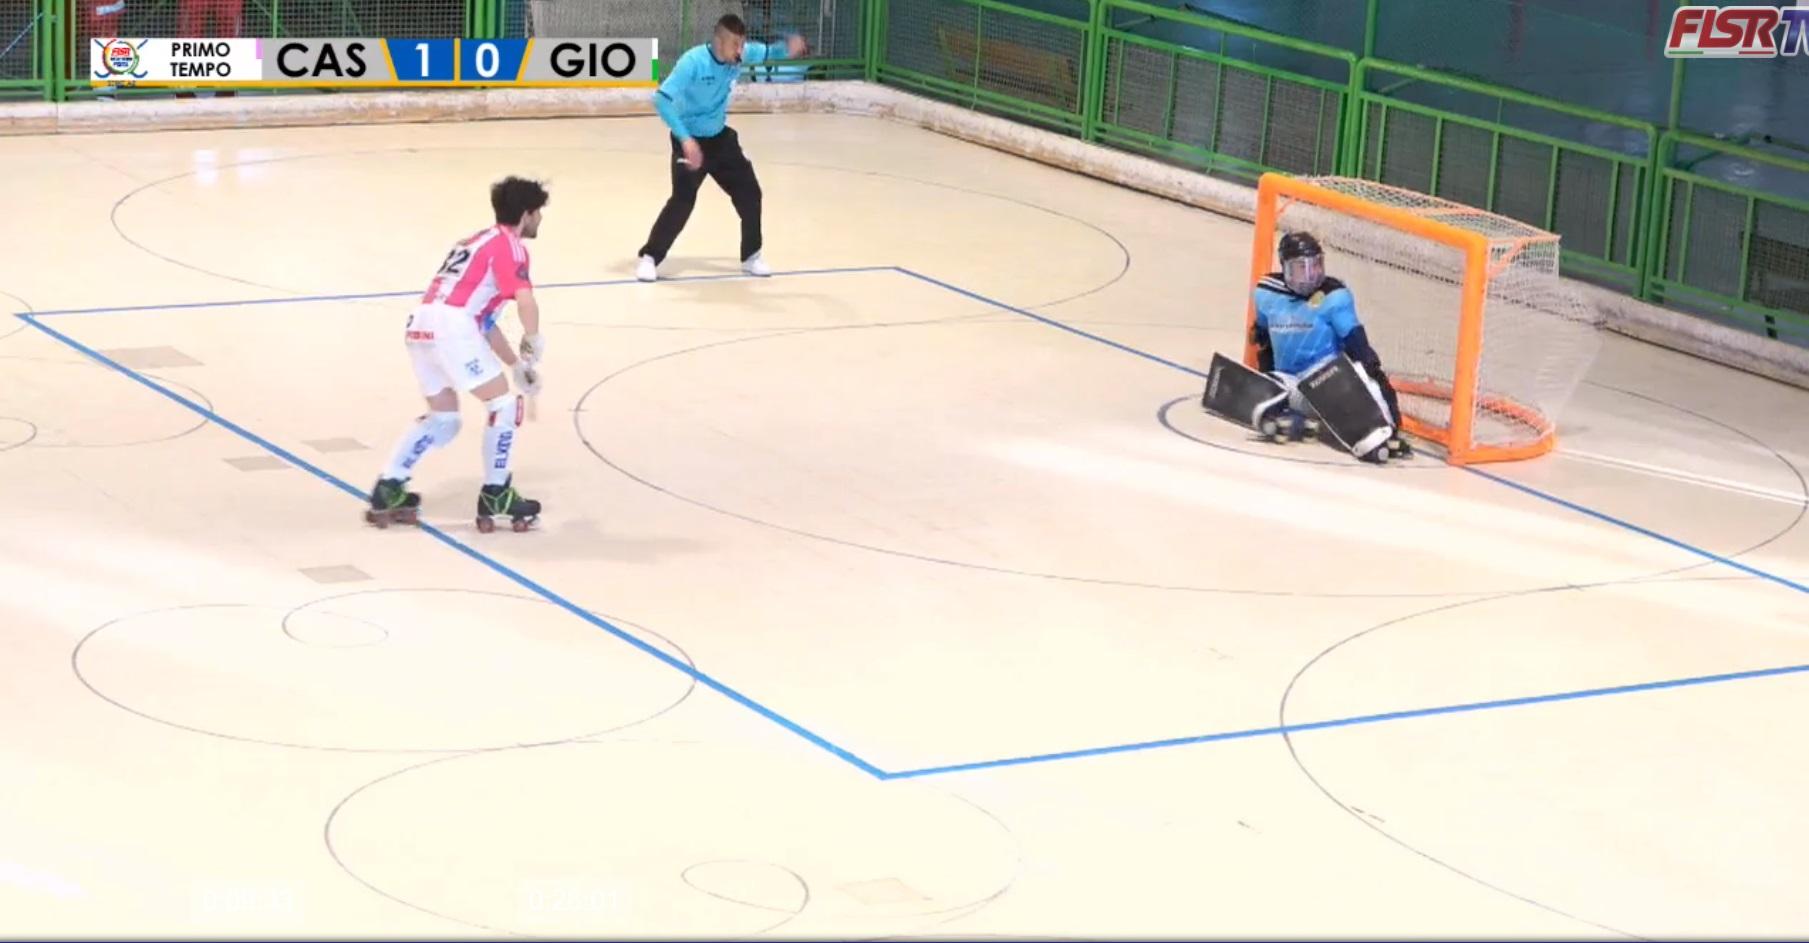 hockey-pista-serie-A2-castiglione-della-pescaia-blue-factor-goivinazzo-rigor